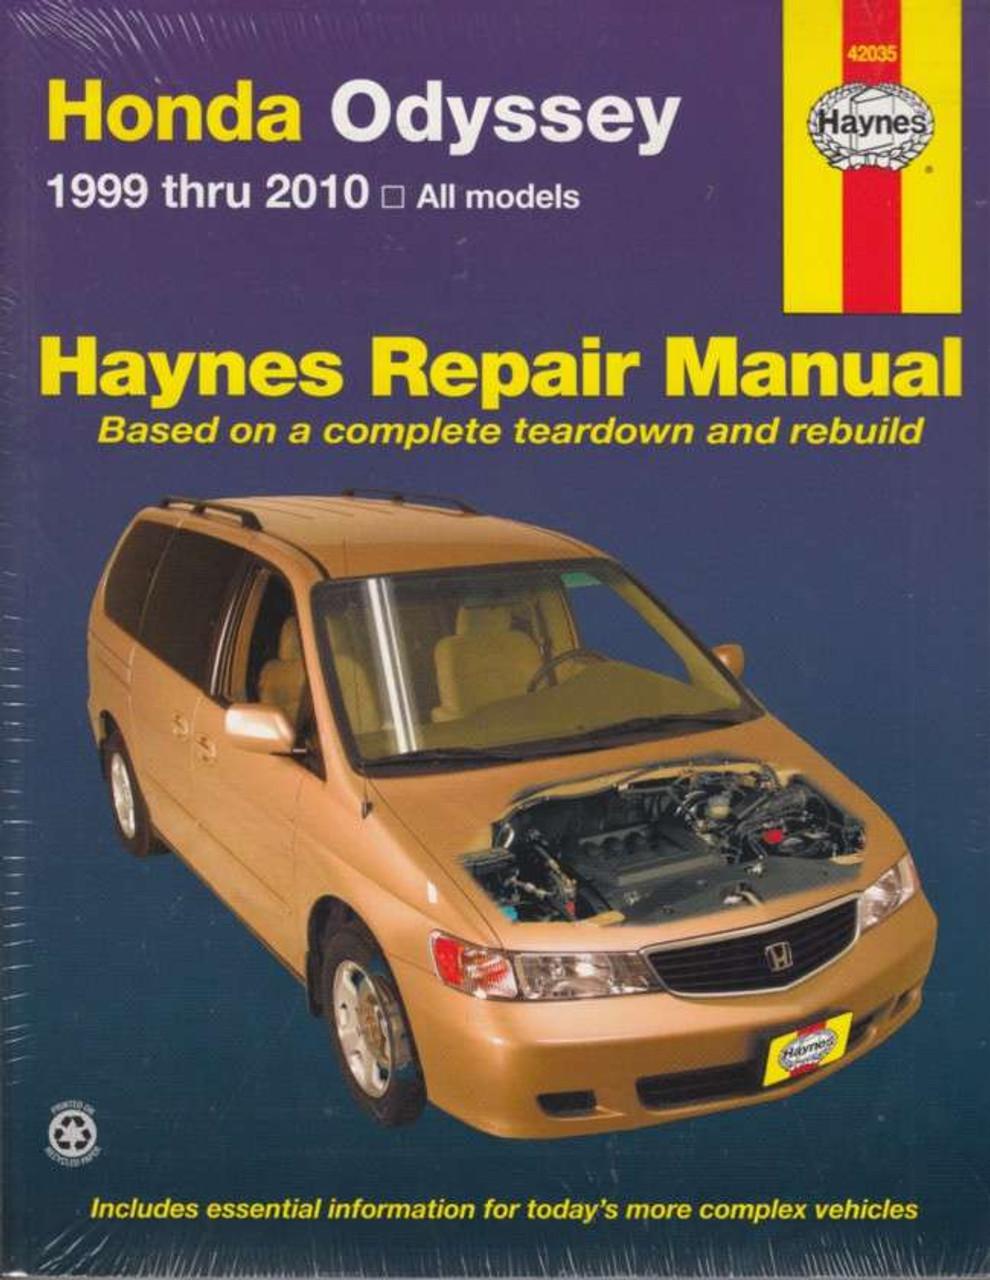 honda odyssey 1999 2010 workshop manual. Black Bedroom Furniture Sets. Home Design Ideas